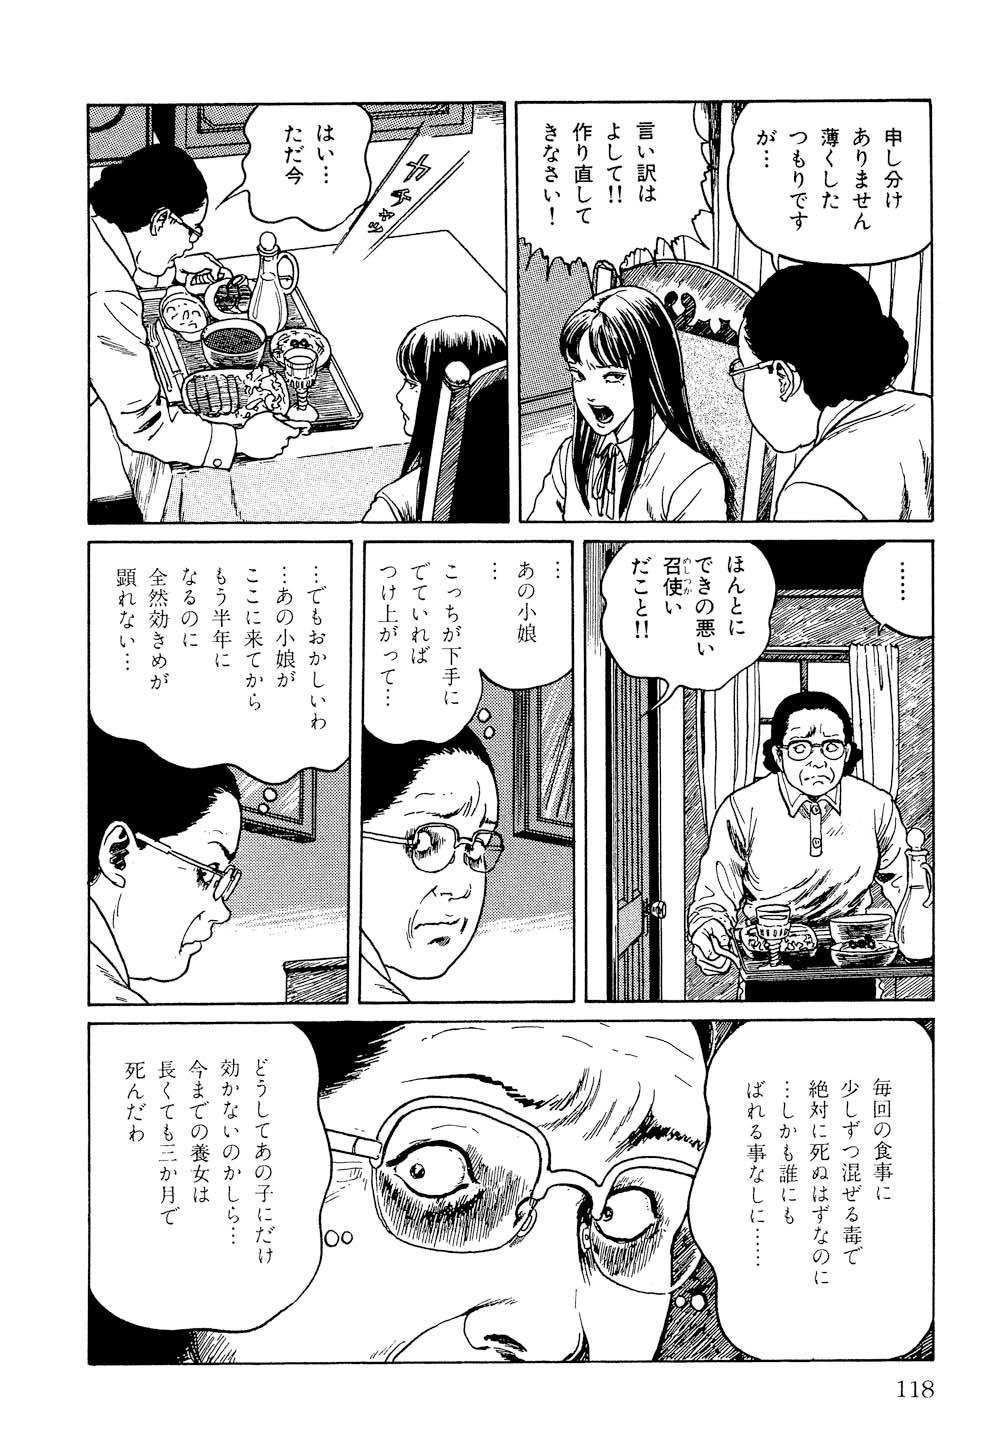 itouj_0002_0120.jpg